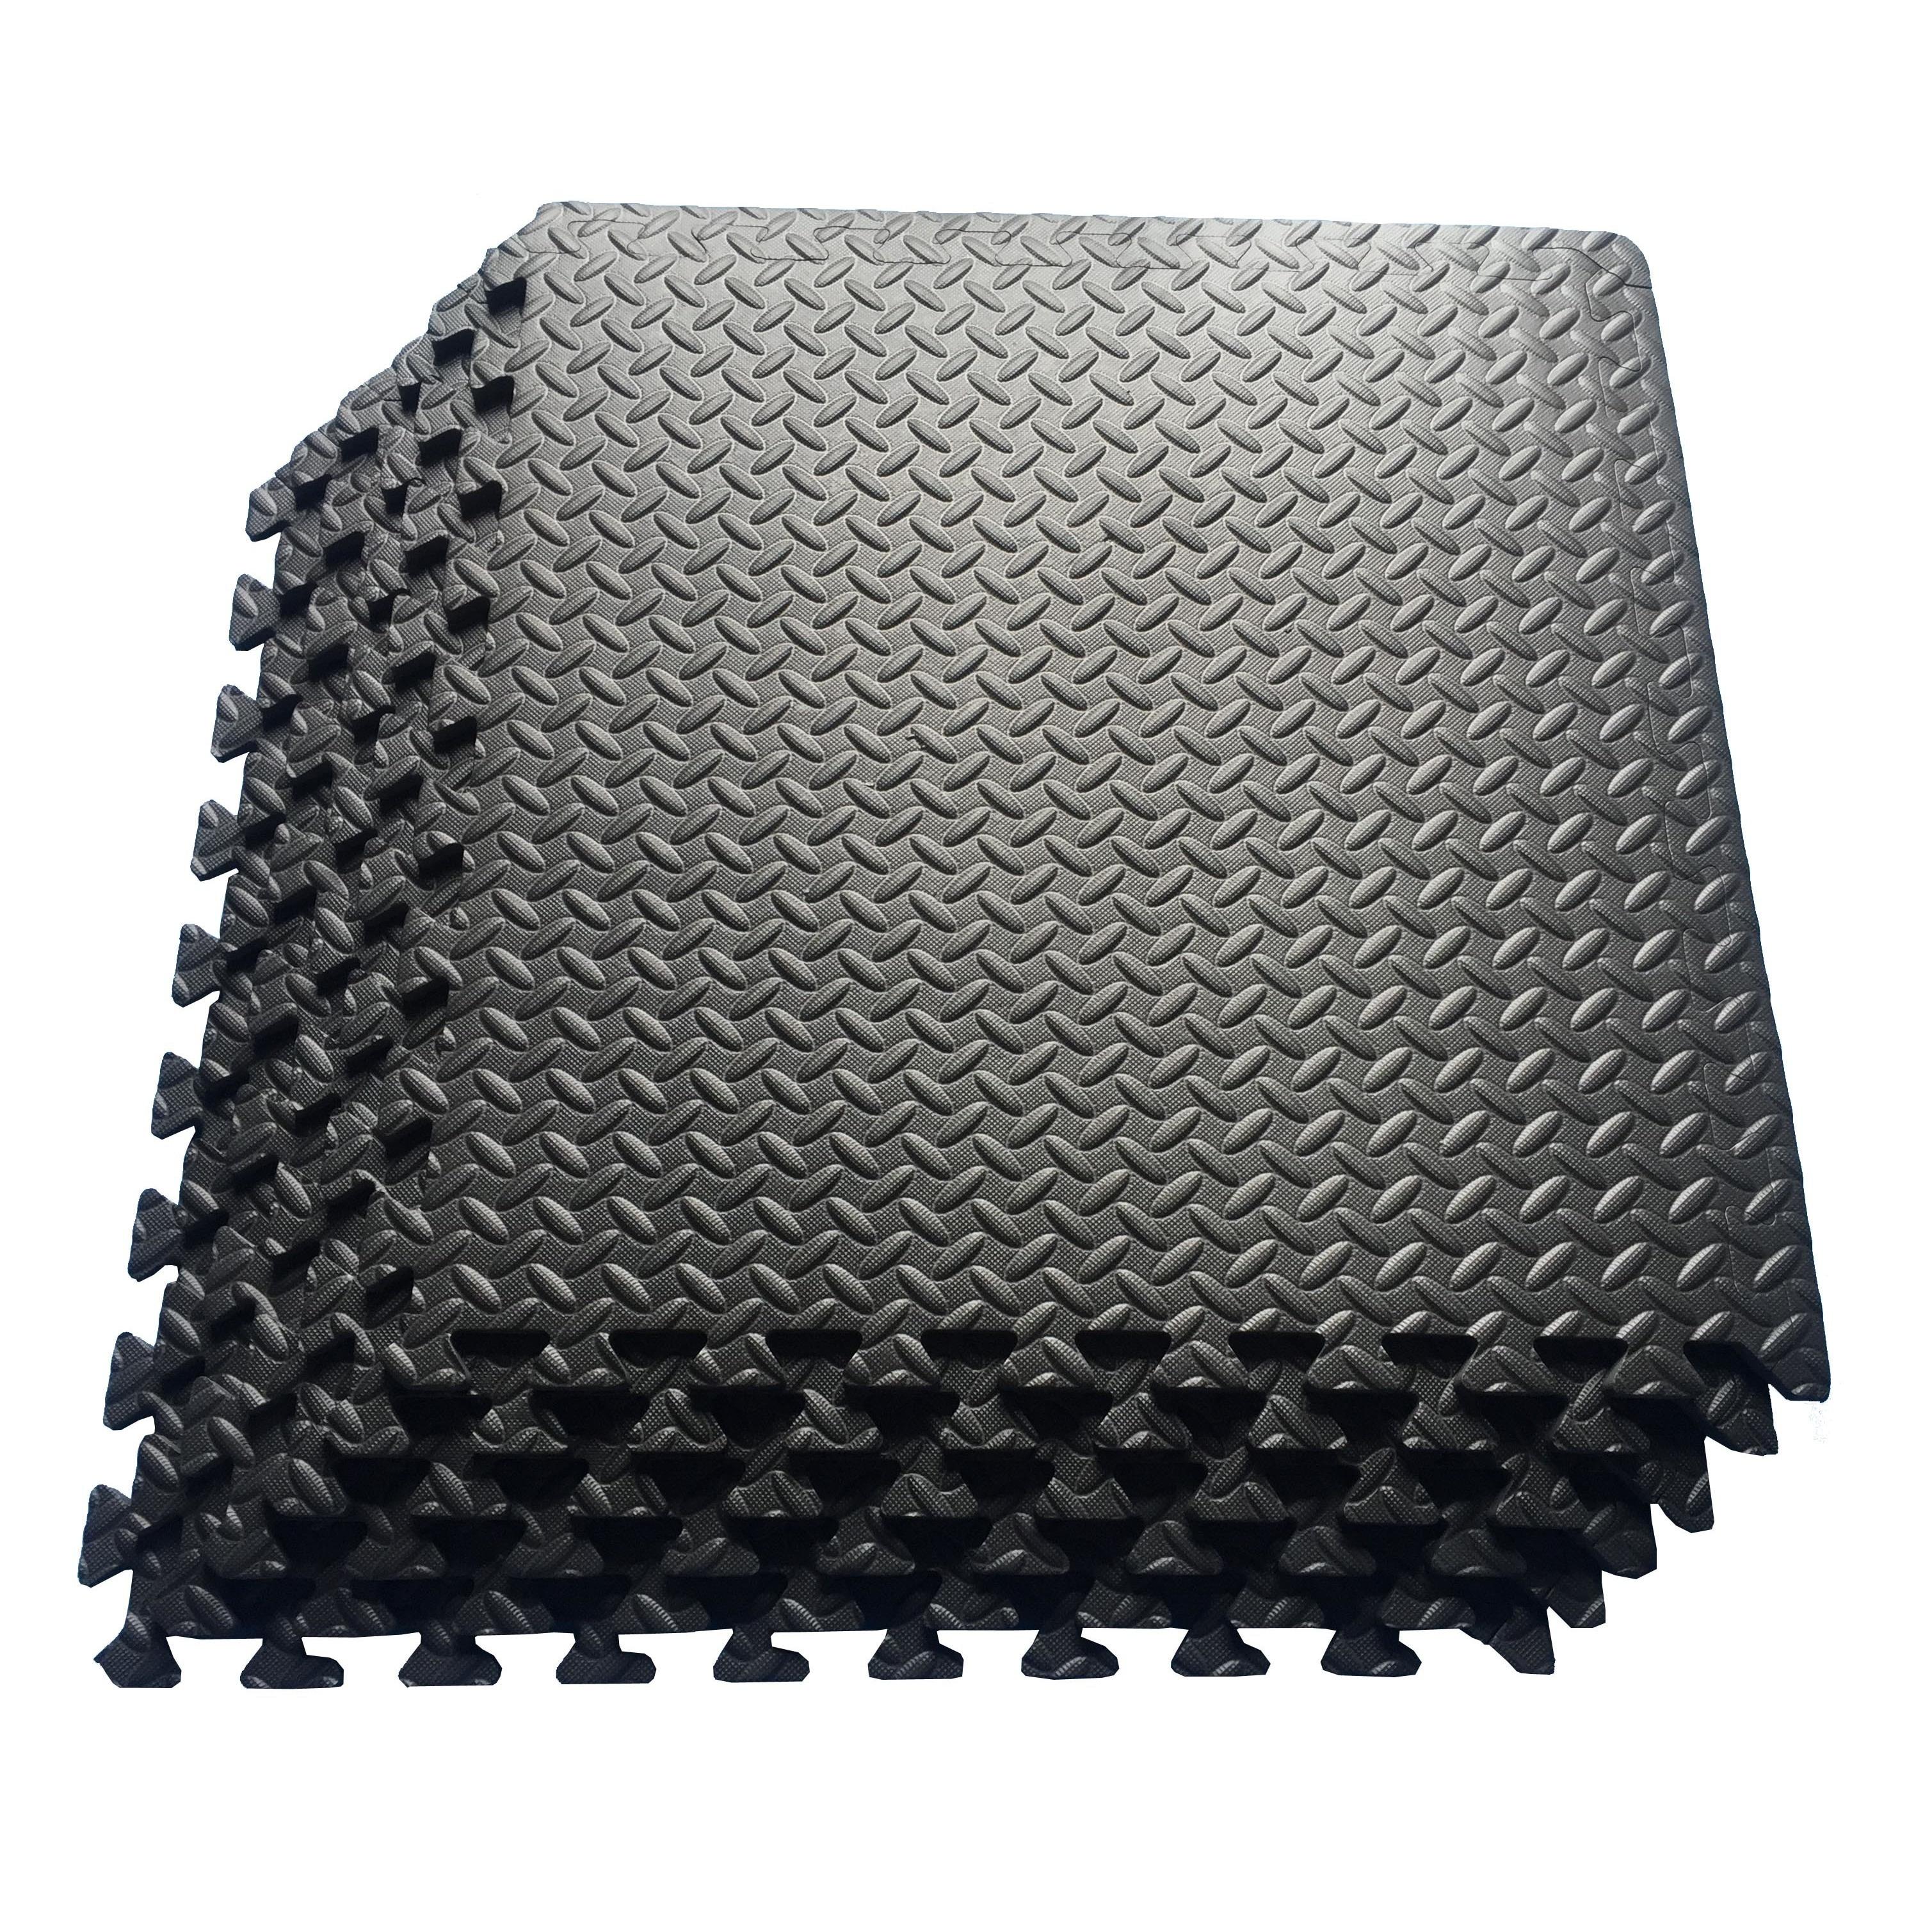 Exercise Puzzle Mat Tiles Multipurpose Interlocking EVA Foam Anti-Fatigue New